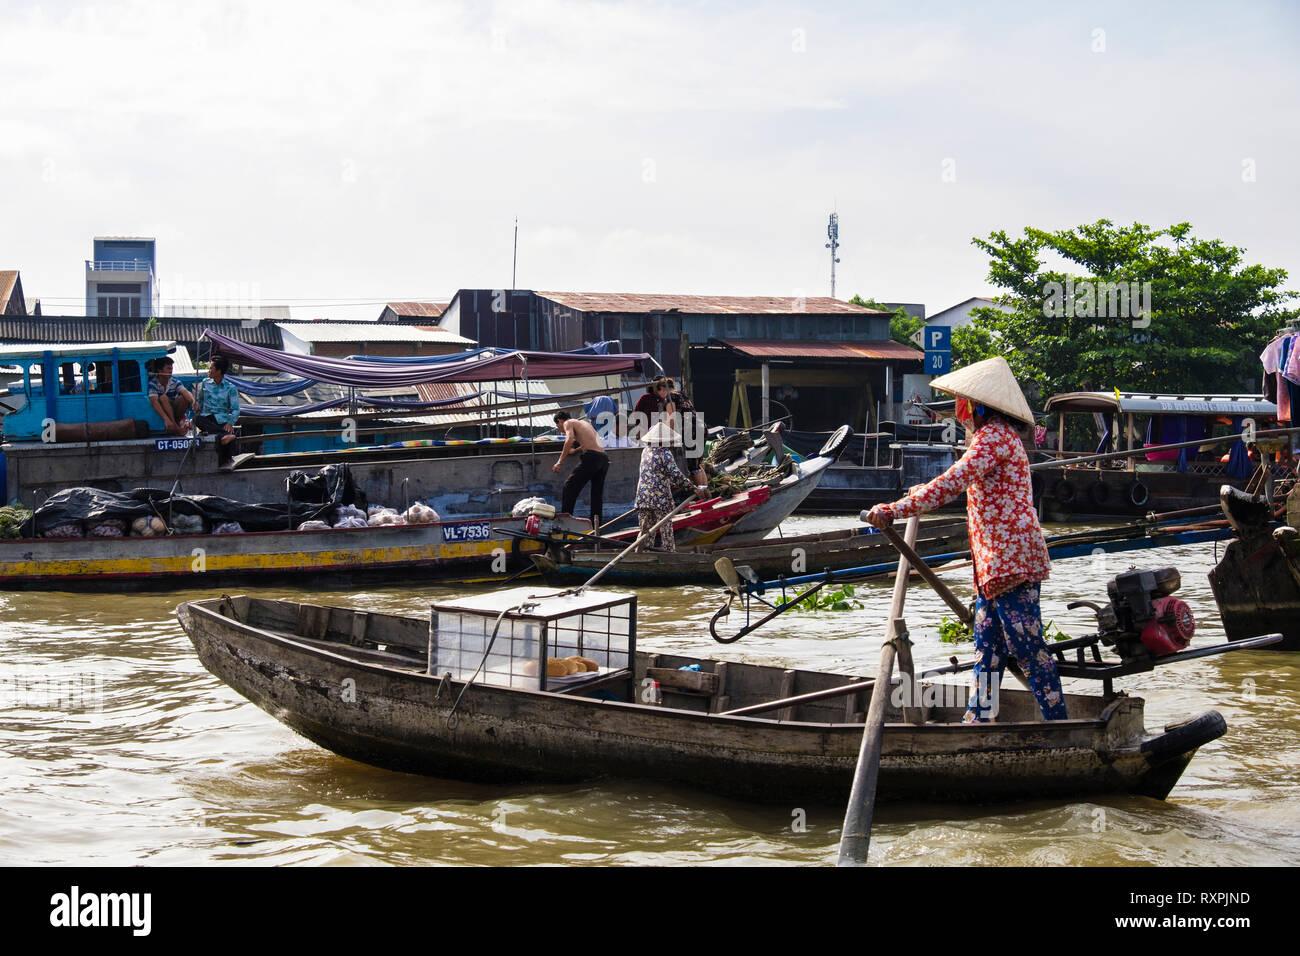 Frau Verkauf von Brot Brote aus einem kleinen traditionellen Boot in der schwimmende Markt auf Hau Flusses. Can Tho, Mekong Delta, Vietnam, Asien Stockbild